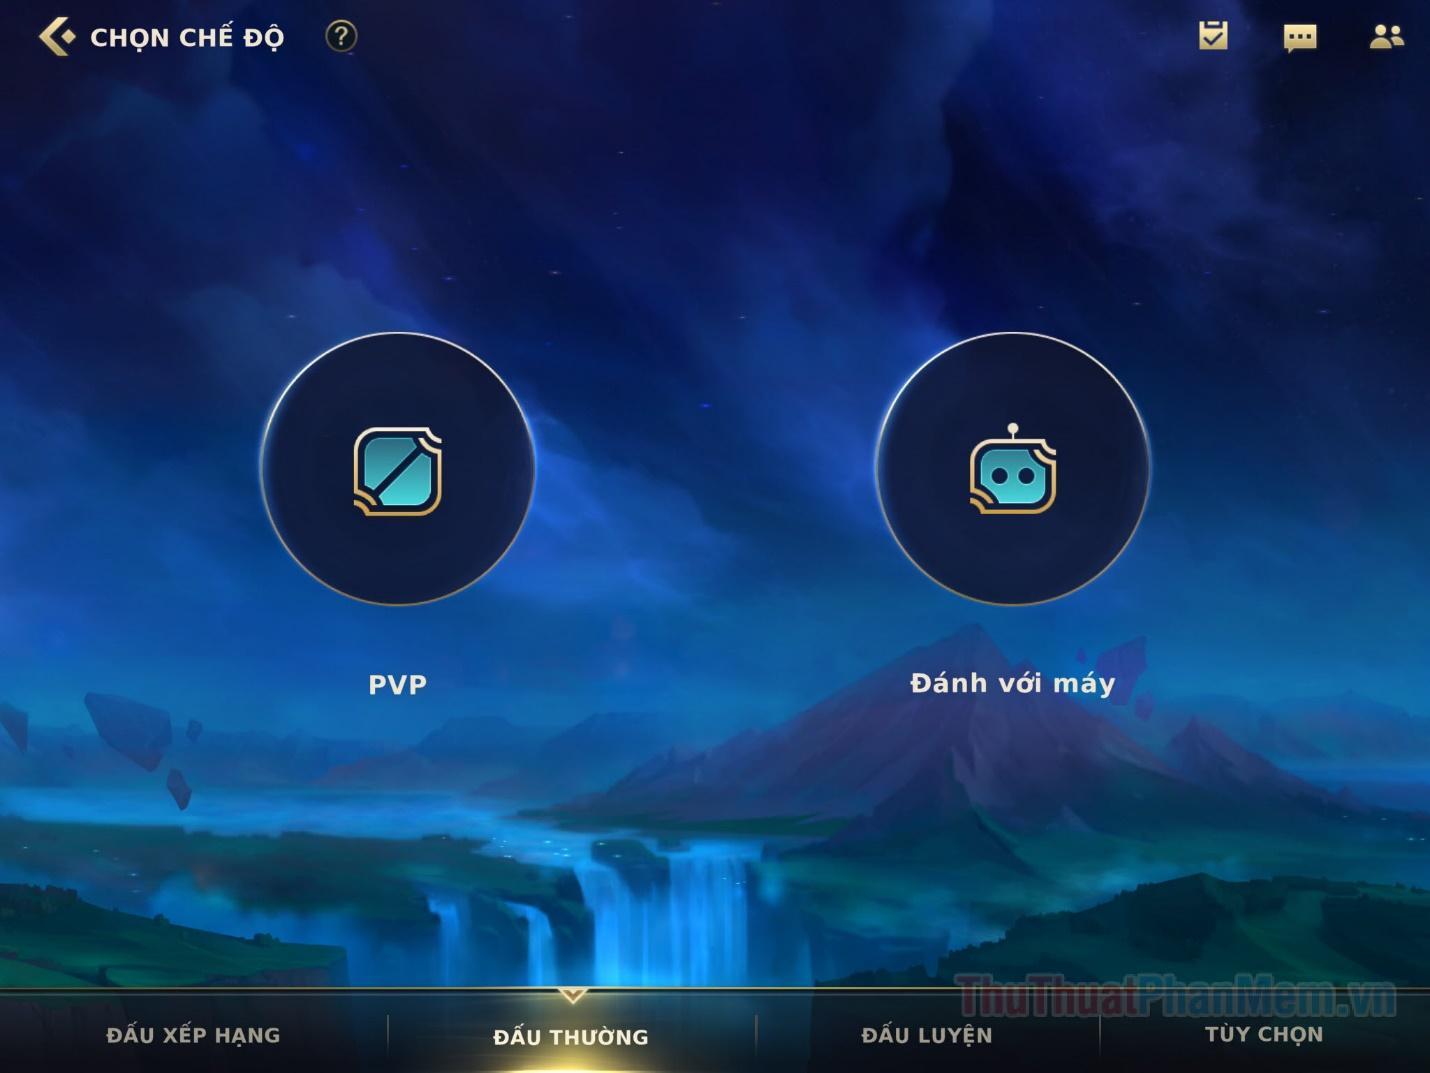 Để bắt đầu trò chơi, hãy nhấn với hút Play màu xanh ở góc dưới cùng bên phải